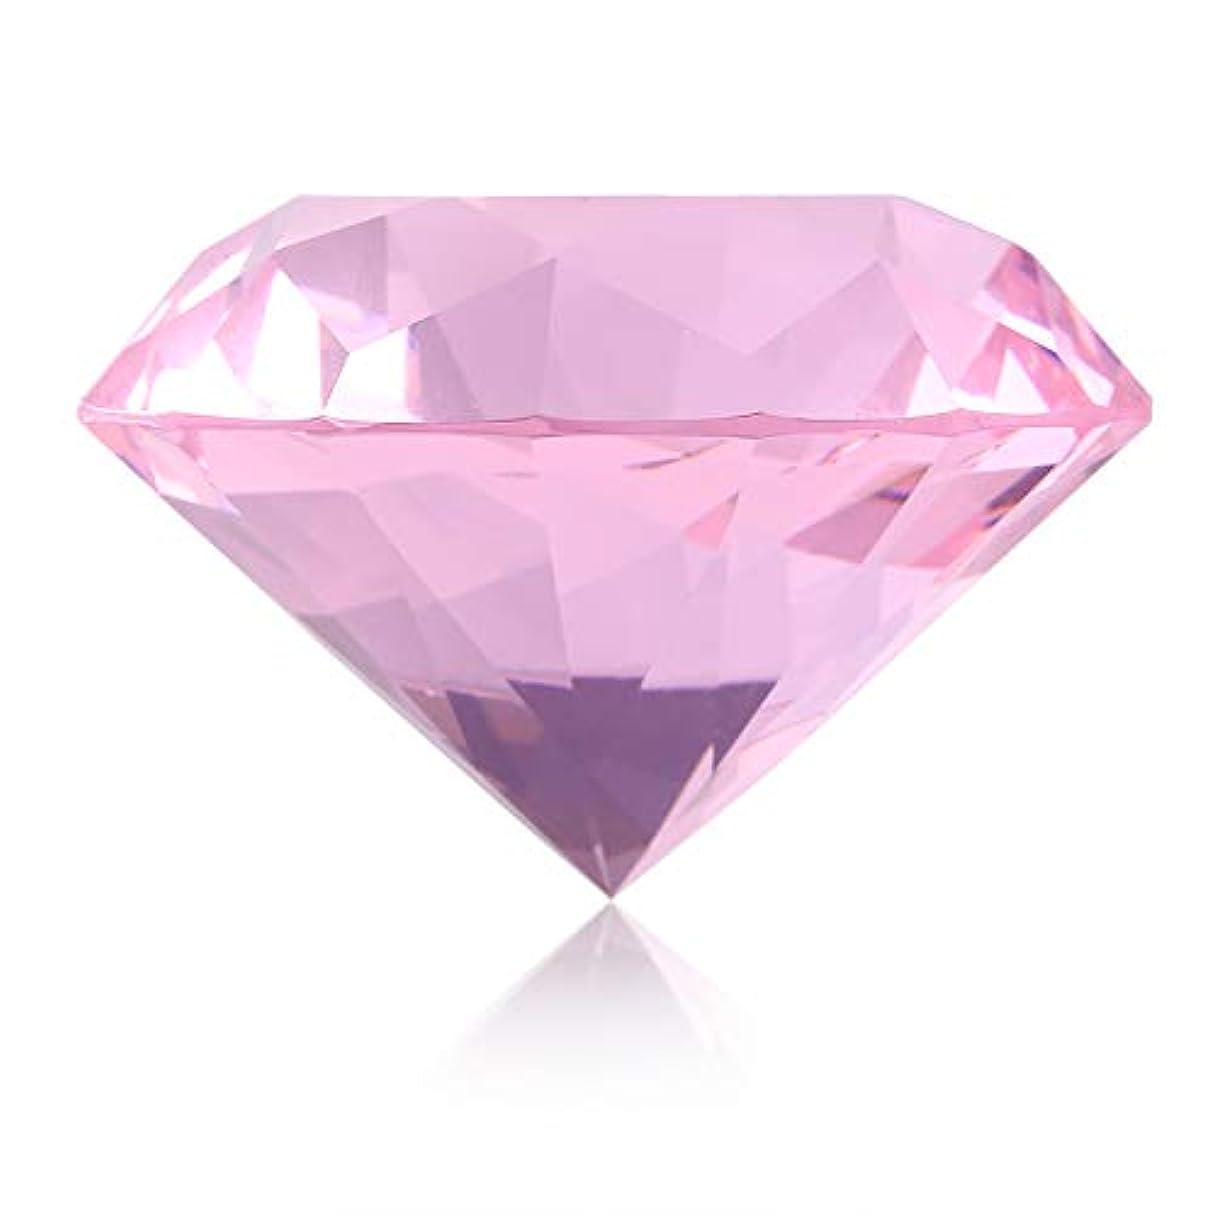 ミュウミュウ四面体キャップネイルチップスタンド スタンドベース ネイルアートディスプレイ ガラス クリスタル ダイヤモンド 撮影道具 モデル ネイルチップホルダー (ピンク)